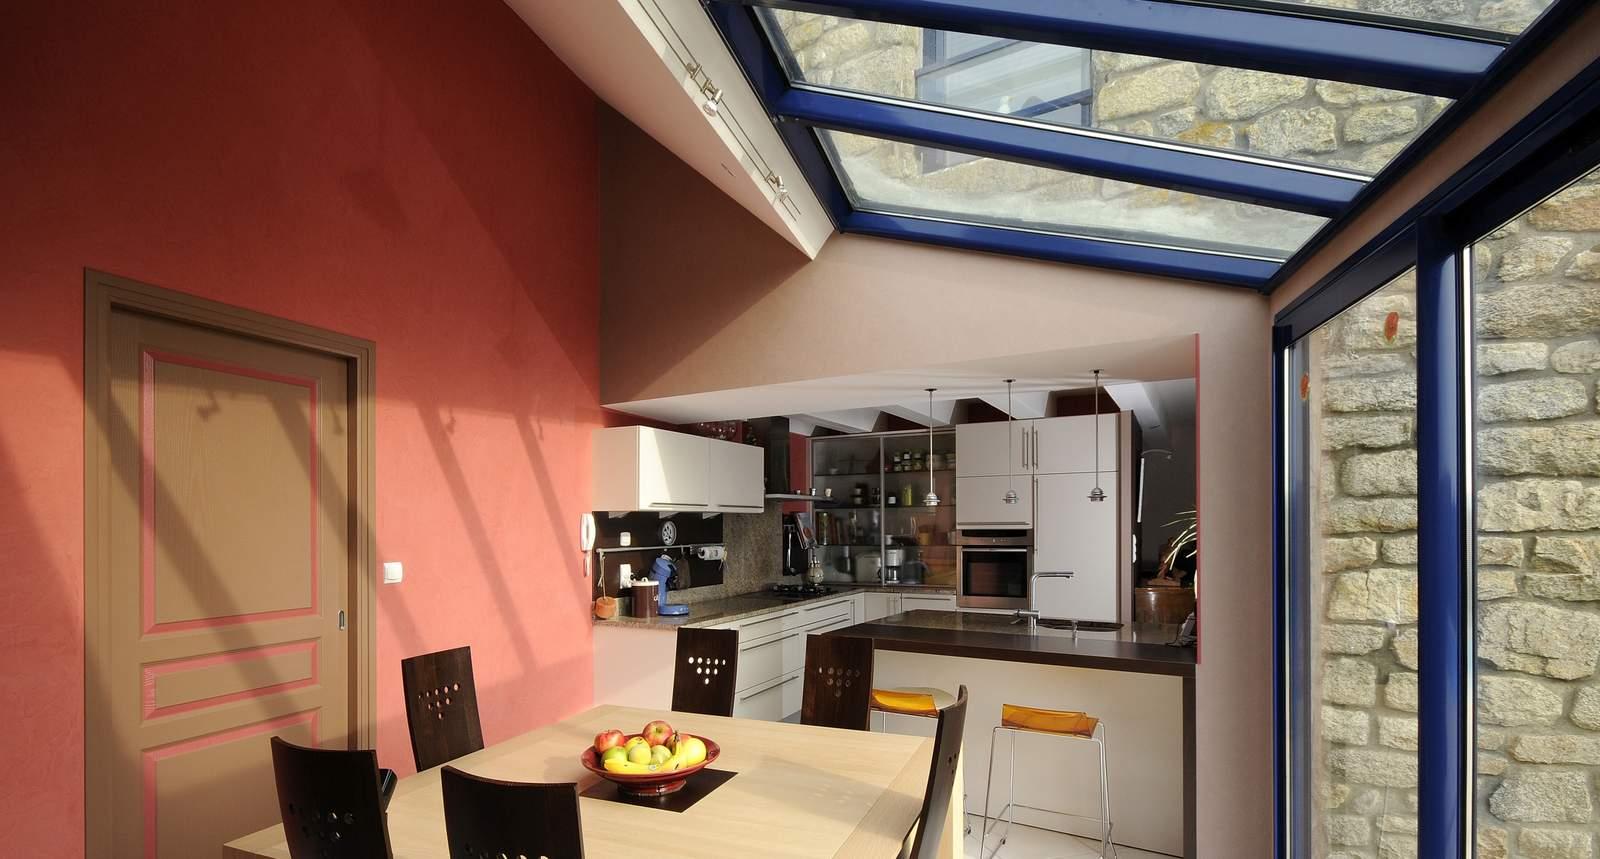 Emplacement Cuisine Dans La Maison quel prix pour une extension cuisine ? - agrandir ma maison